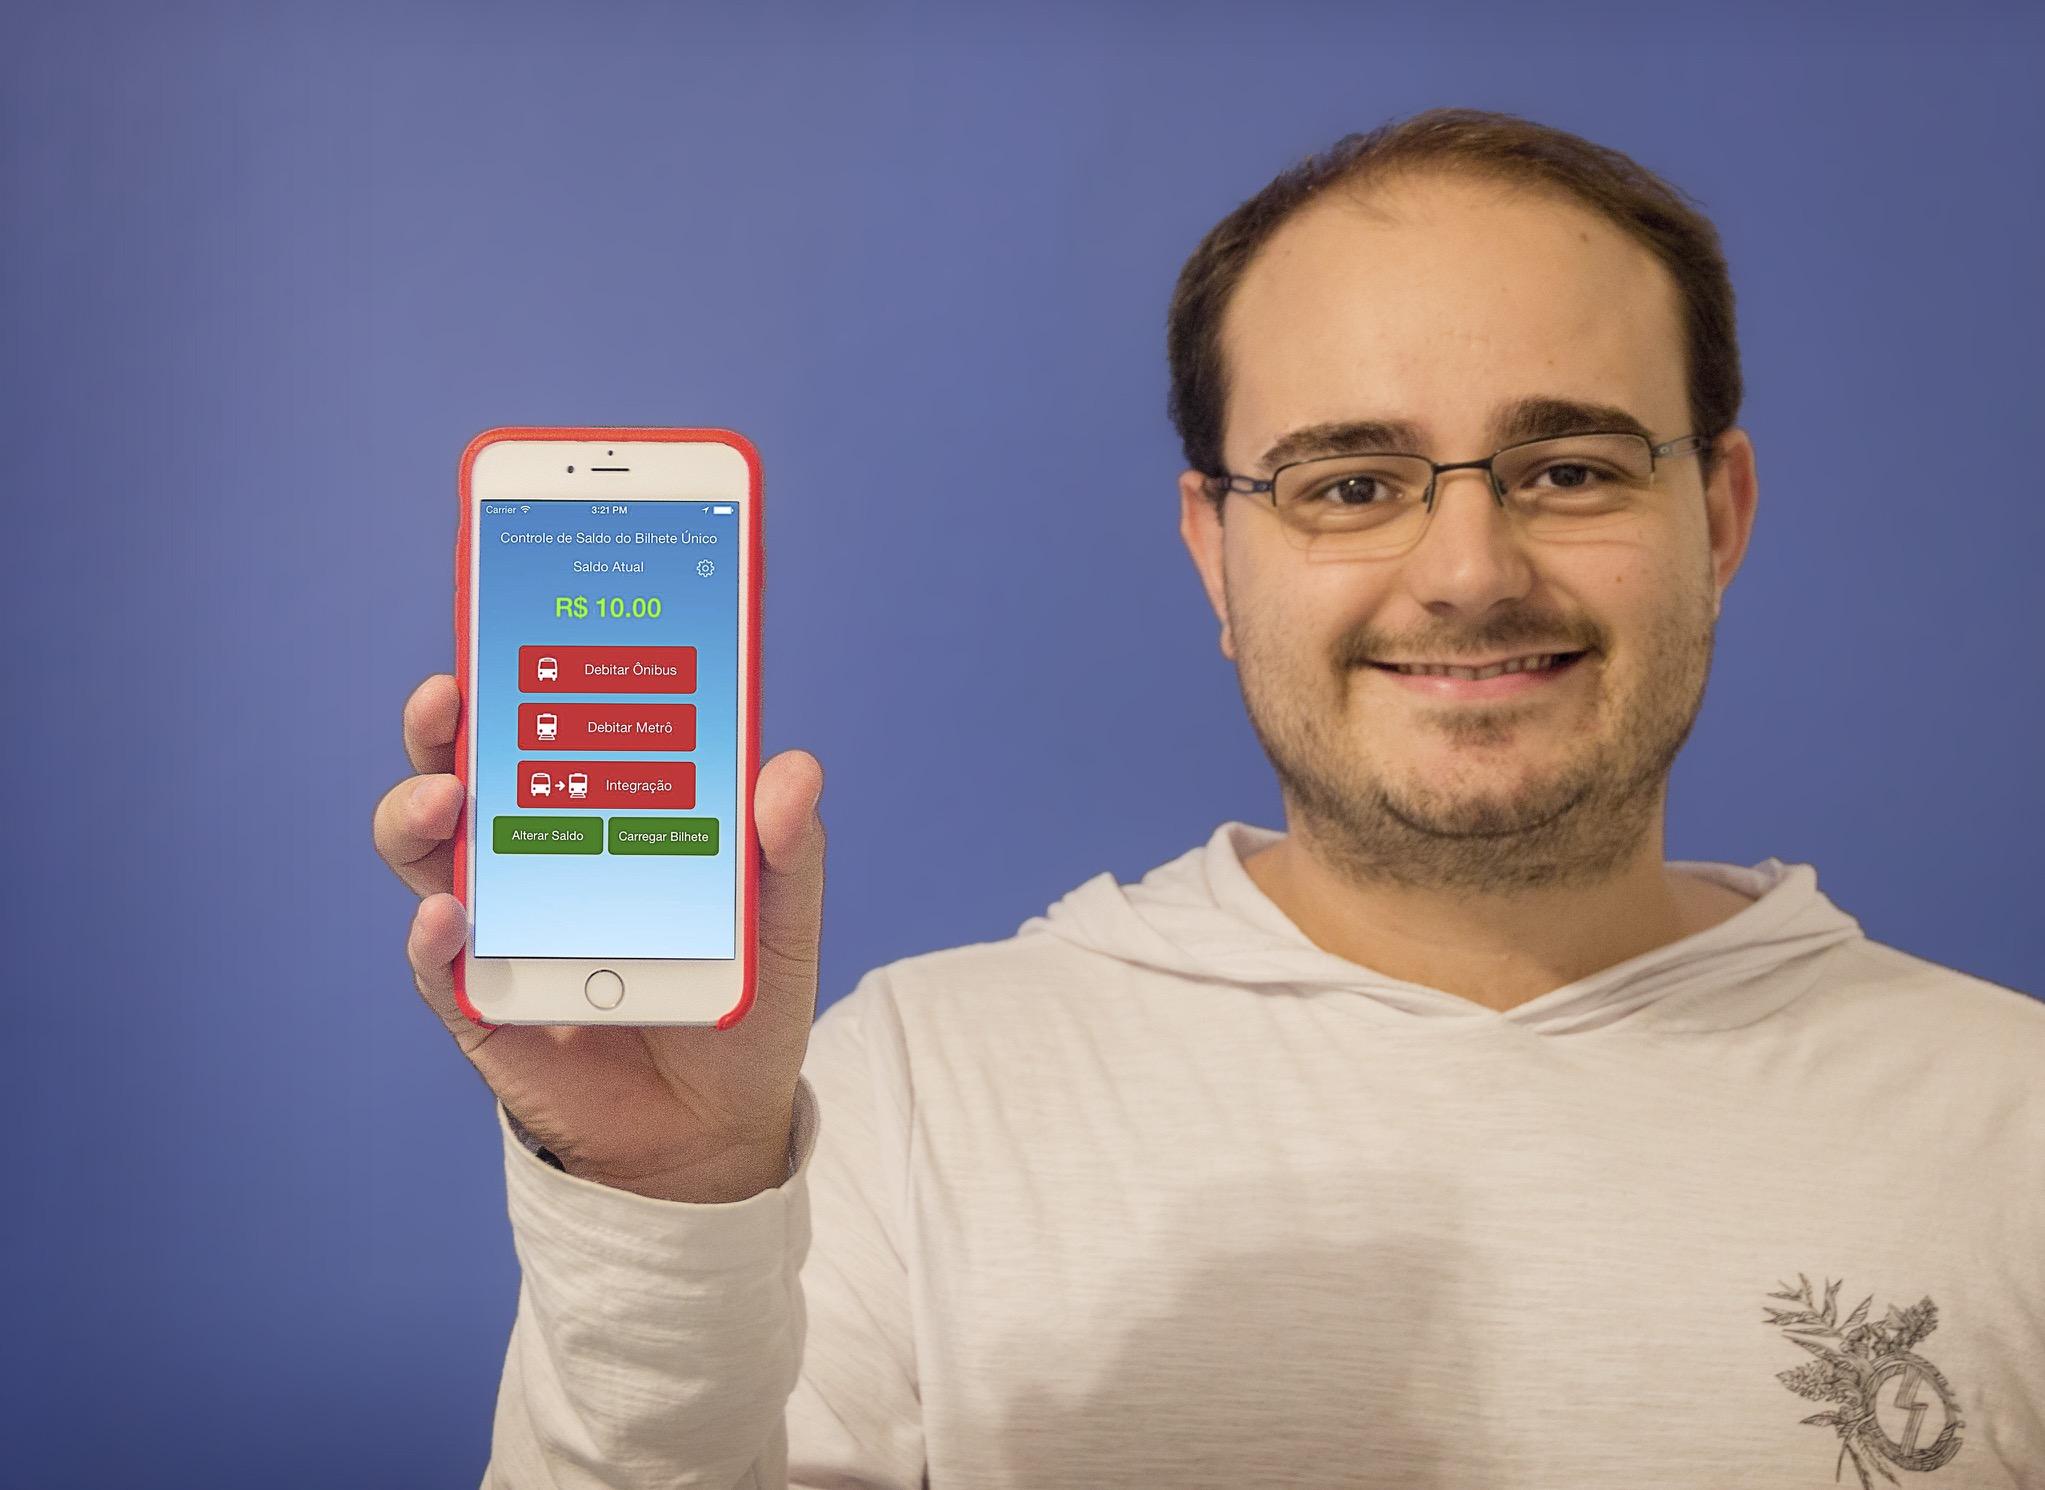 Gabriel Carvalho, aluno da Quaddro e leitor do MacMagazine!